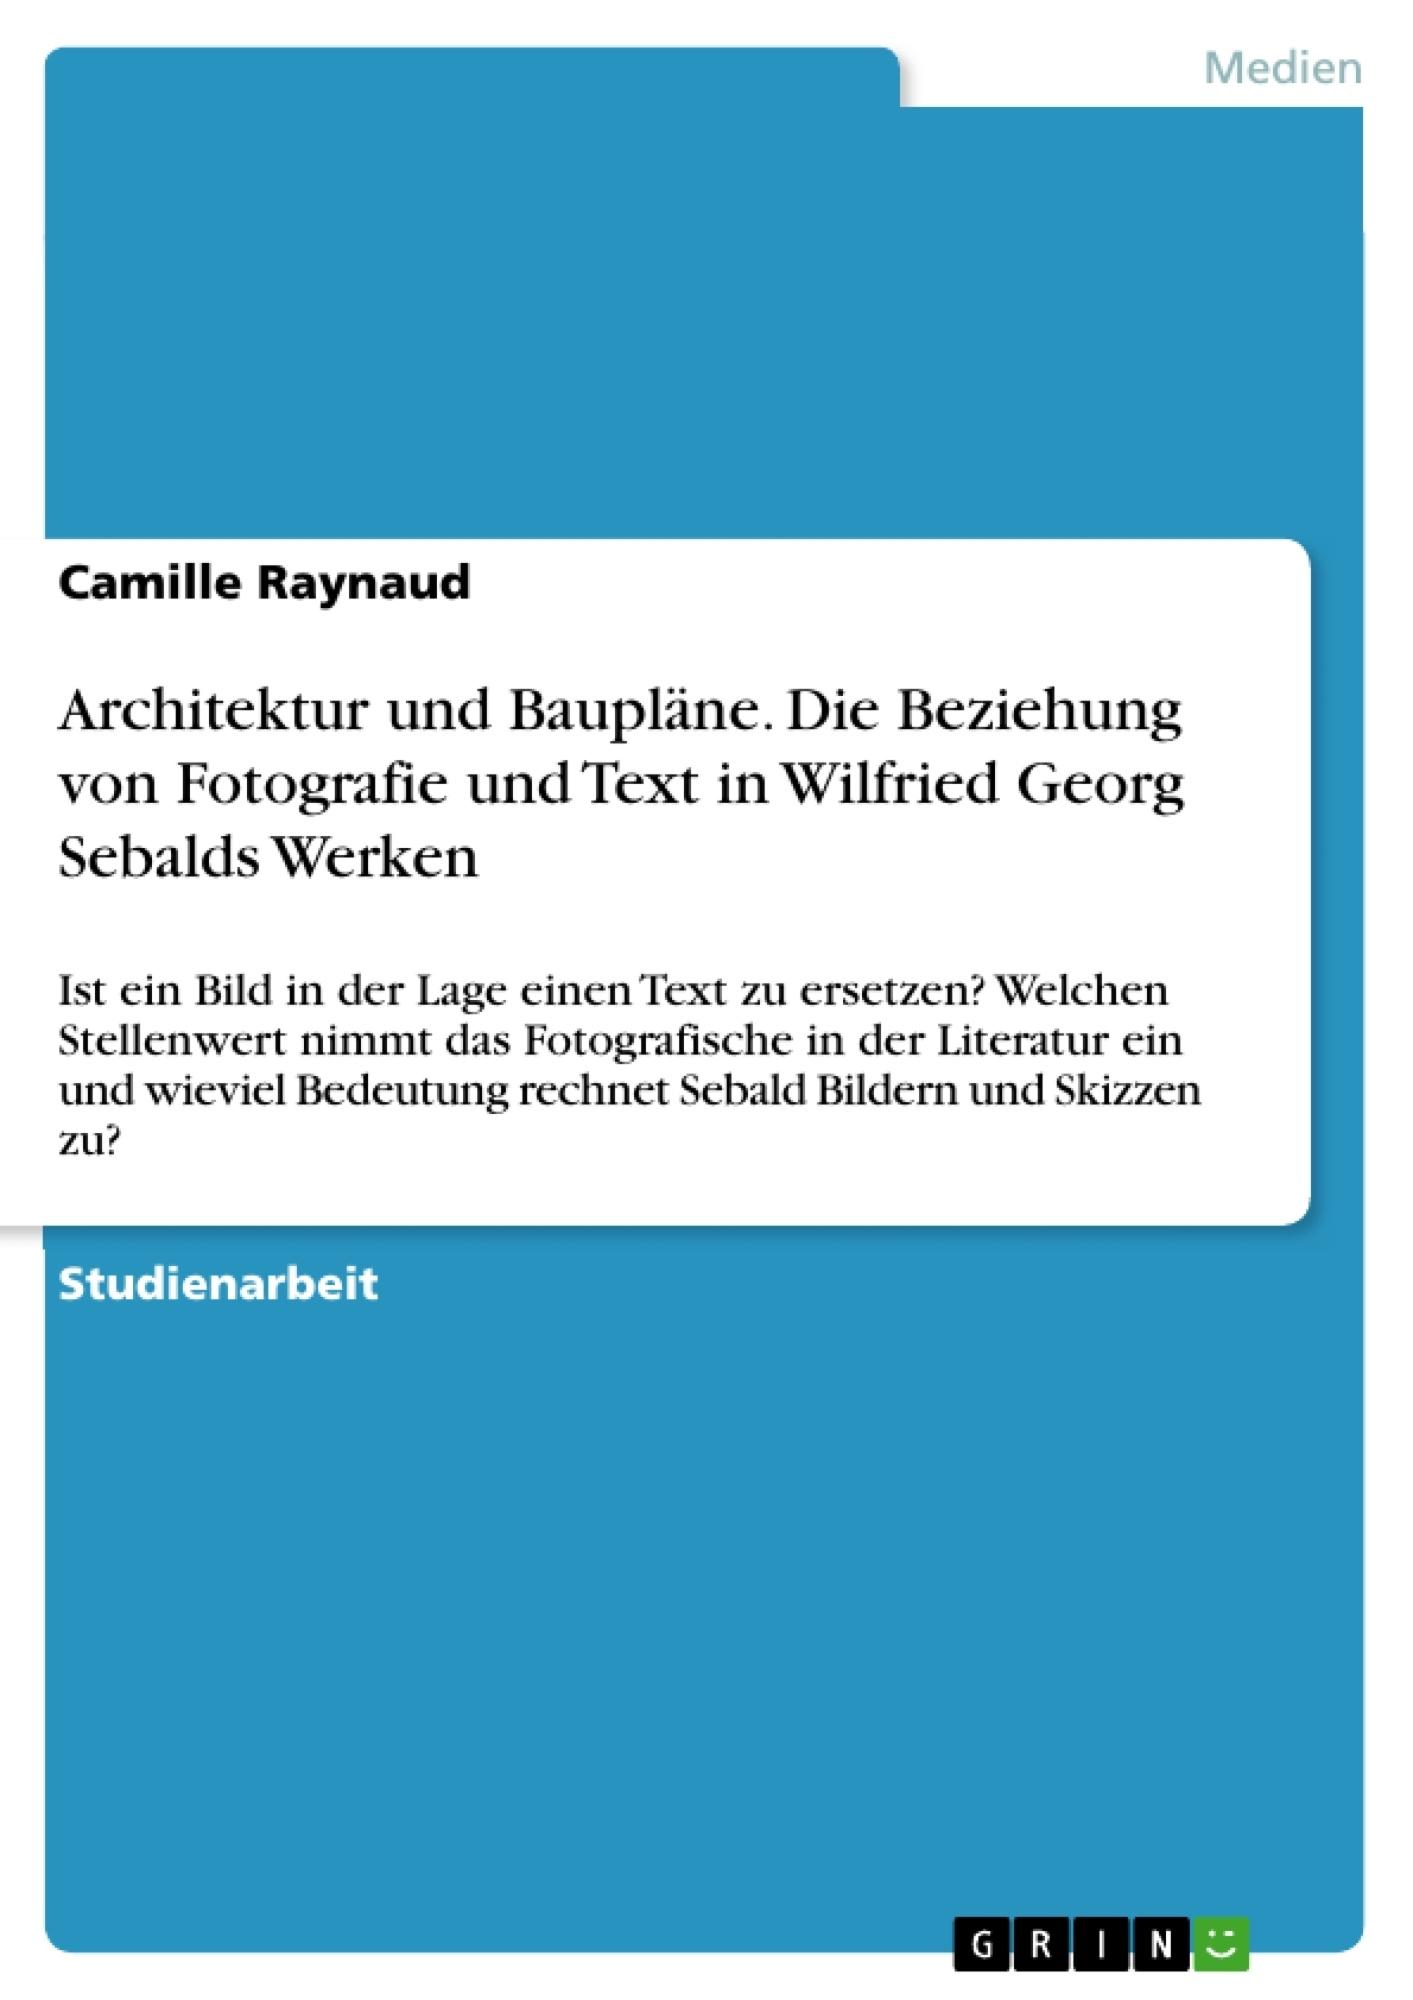 Titel: Architektur und Baupläne. Die Beziehung von Fotografie und Text in Wilfried Georg Sebalds Werken